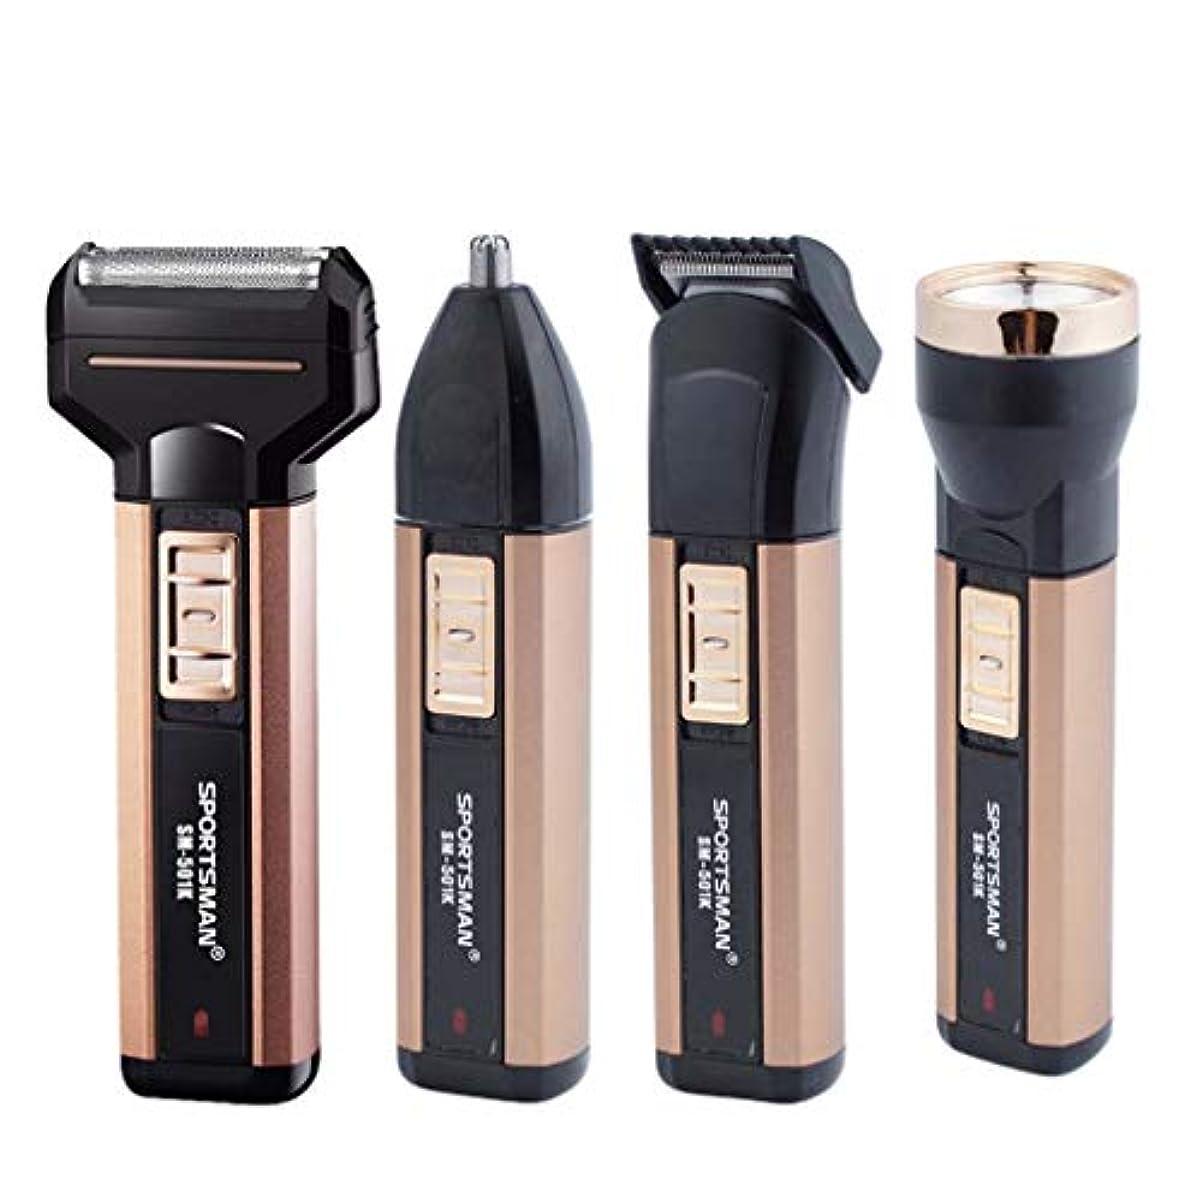 まとめるにぎやか提供された男性コードレス口ひげトリマーヘアートリマープレシジョントリマー鼻毛トリマー防水USB充電式のためのトリマー